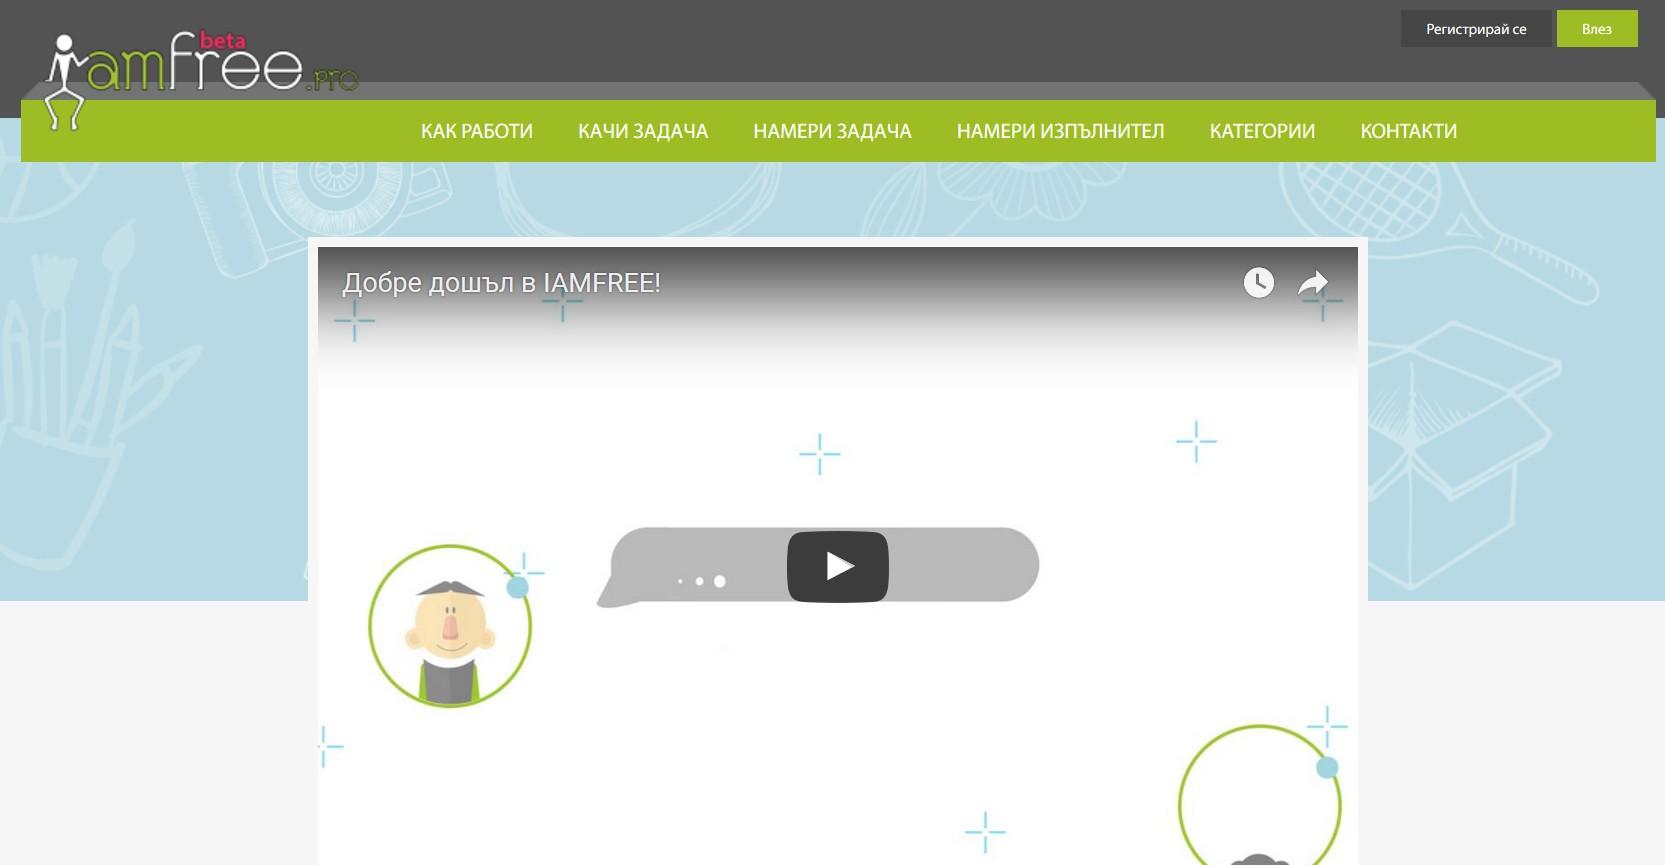 Платформа за споделяне на време и работа Iamfree.pro